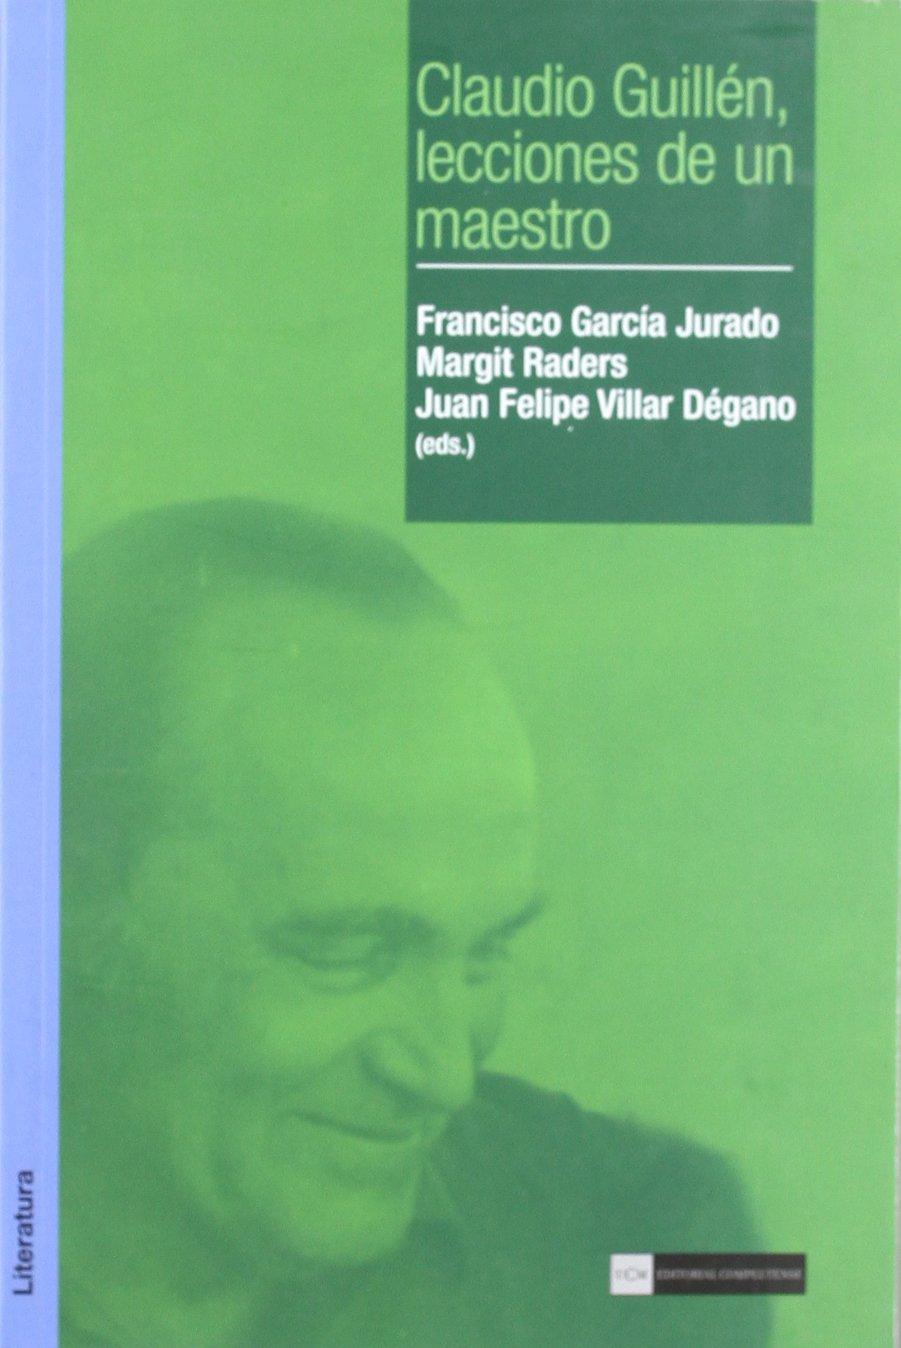 Claudio Guillén, lecciones de un maestro (Académica) PDF